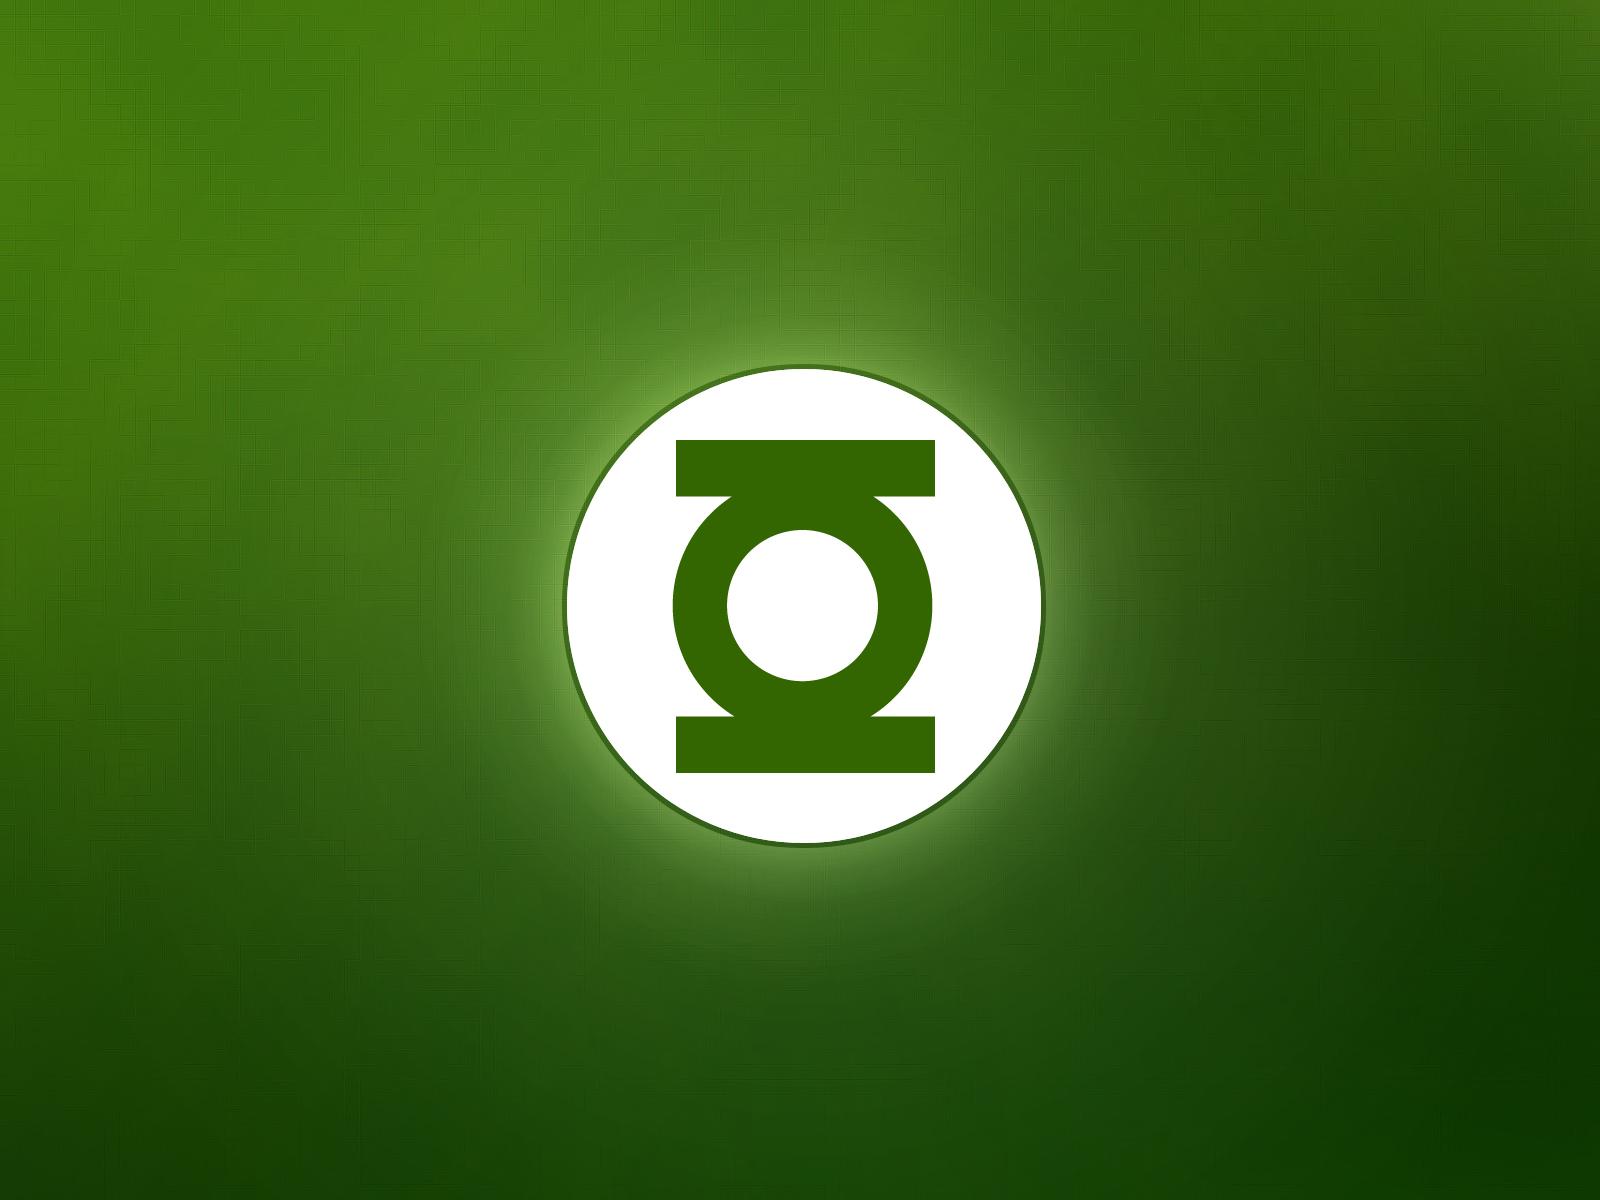 EZ PC Wallpaper: Green Lantern Wallpapers